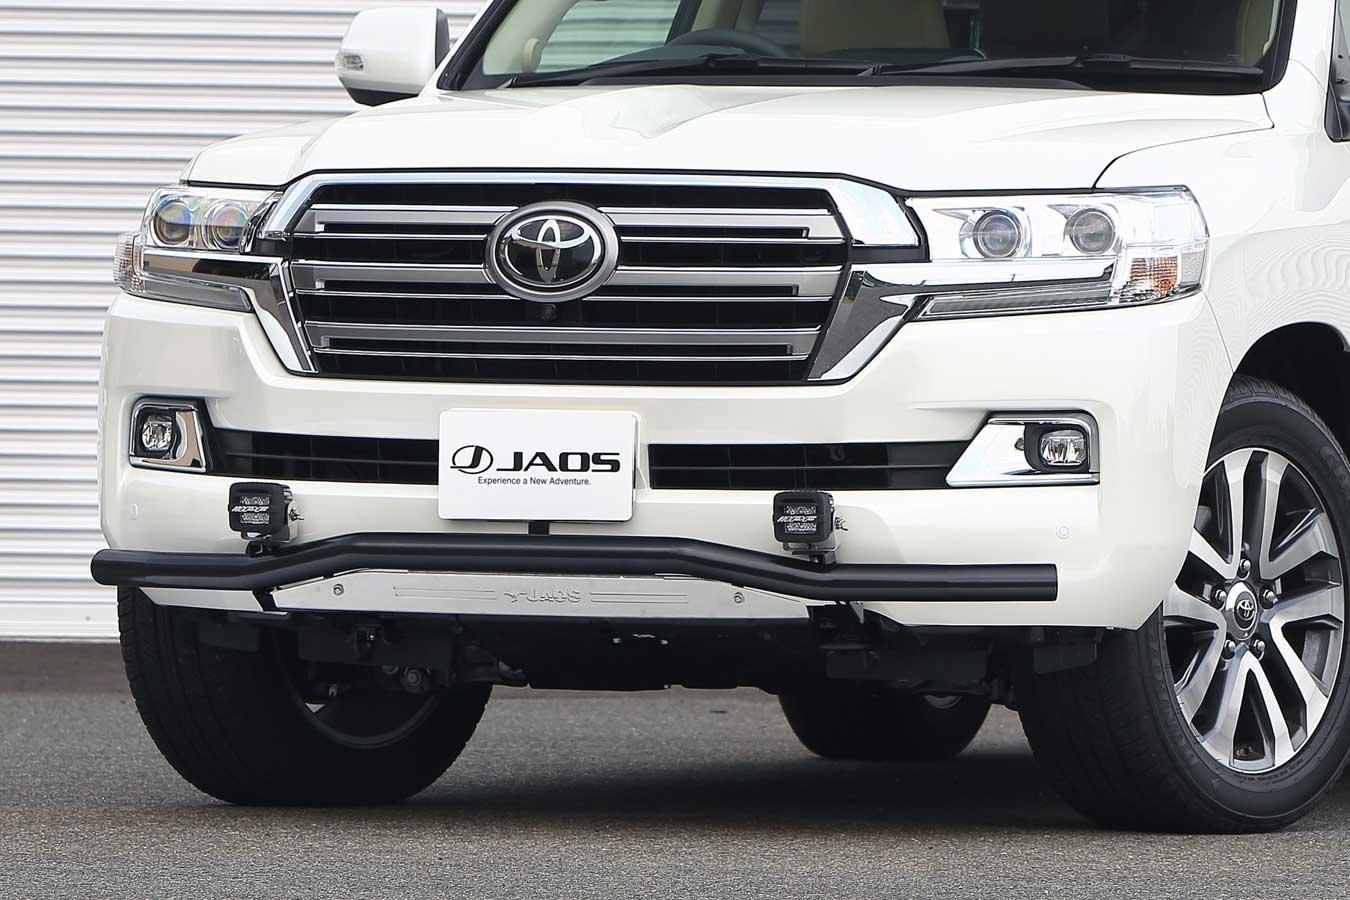 JAOS フロントスキッドバー ブラック/ブラスト ランドクルーザー200系 15+【B150050C】